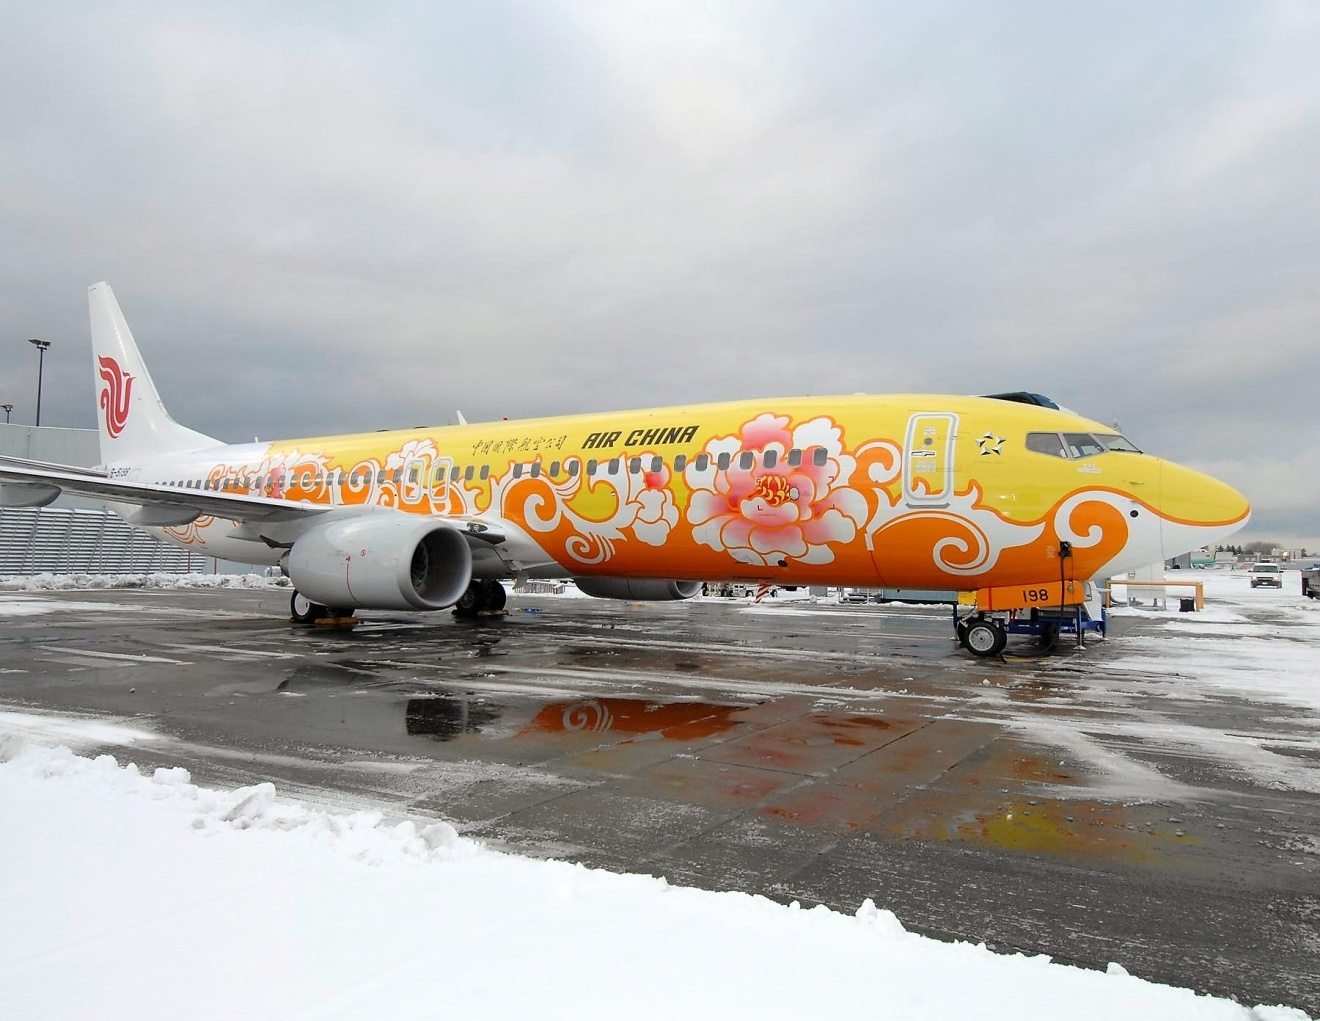 Красочный самолет компании Air China